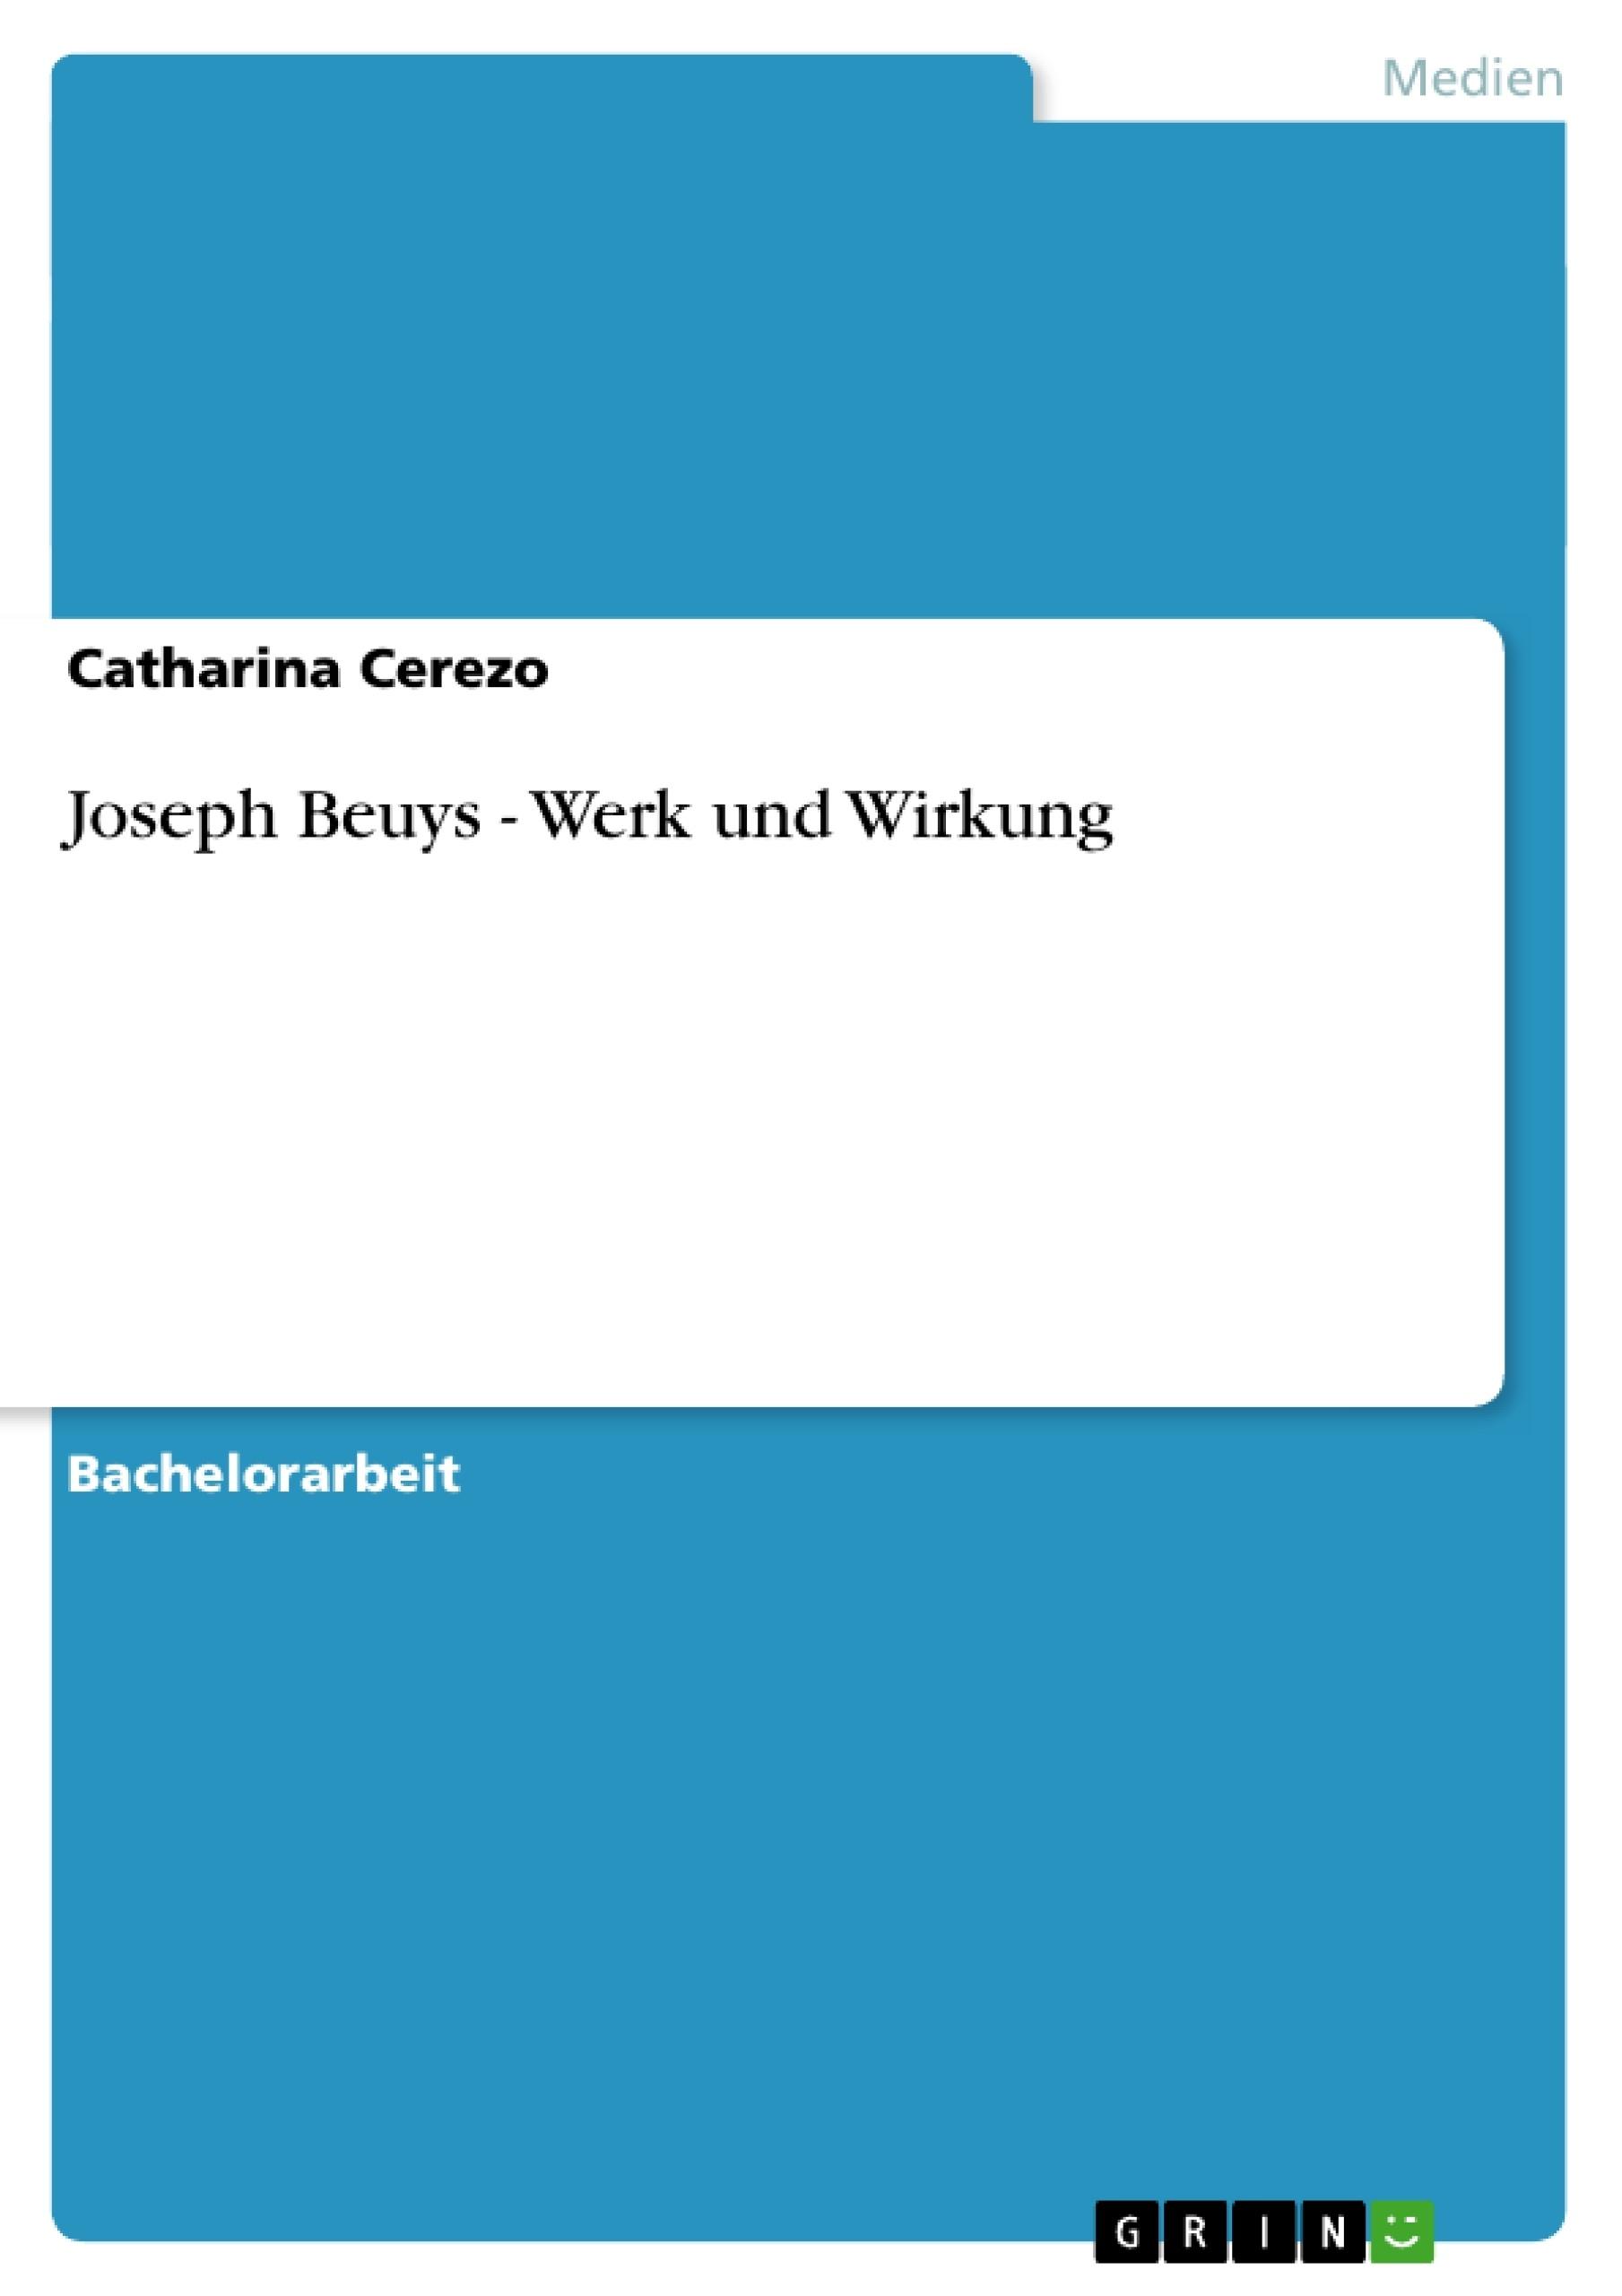 Titel: Joseph Beuys - Werk und Wirkung